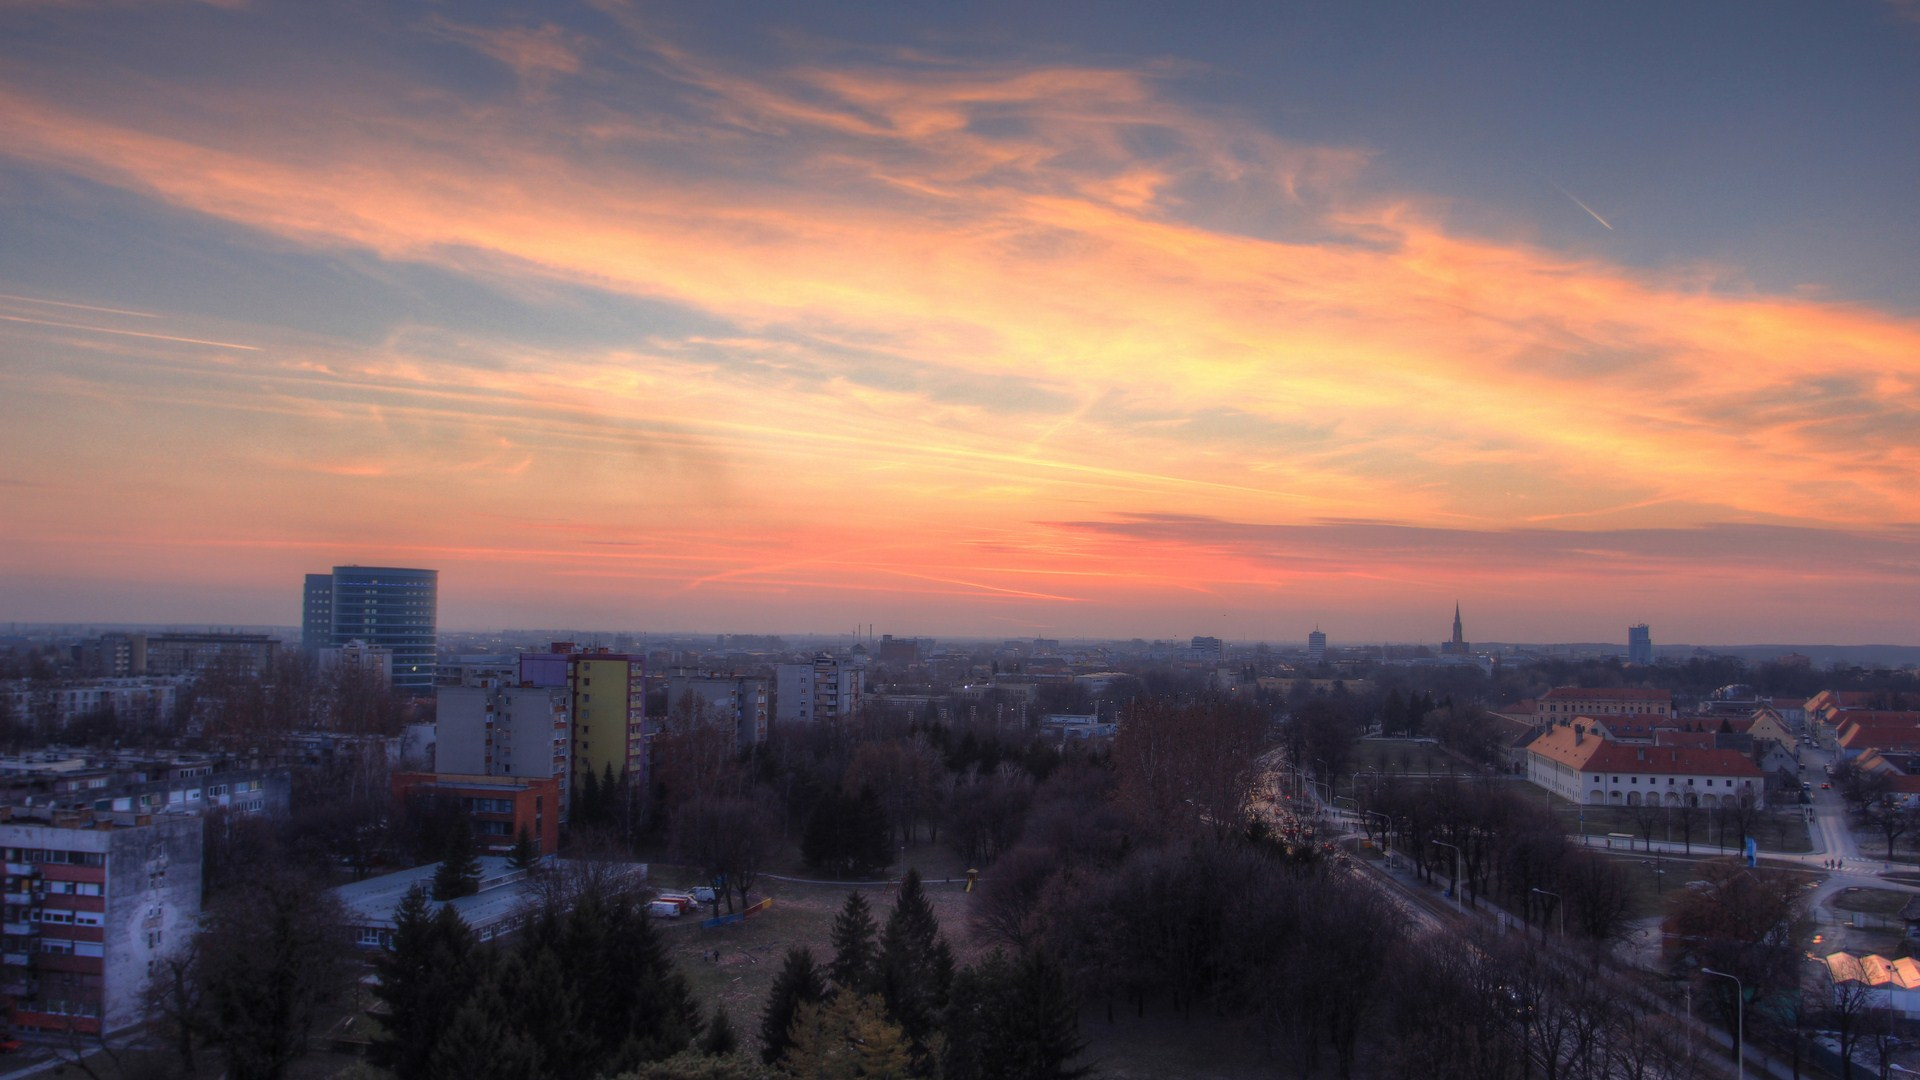 Osijek panorama  Foto: Domagoj Buljan  Ključne riječi: panorama nebo